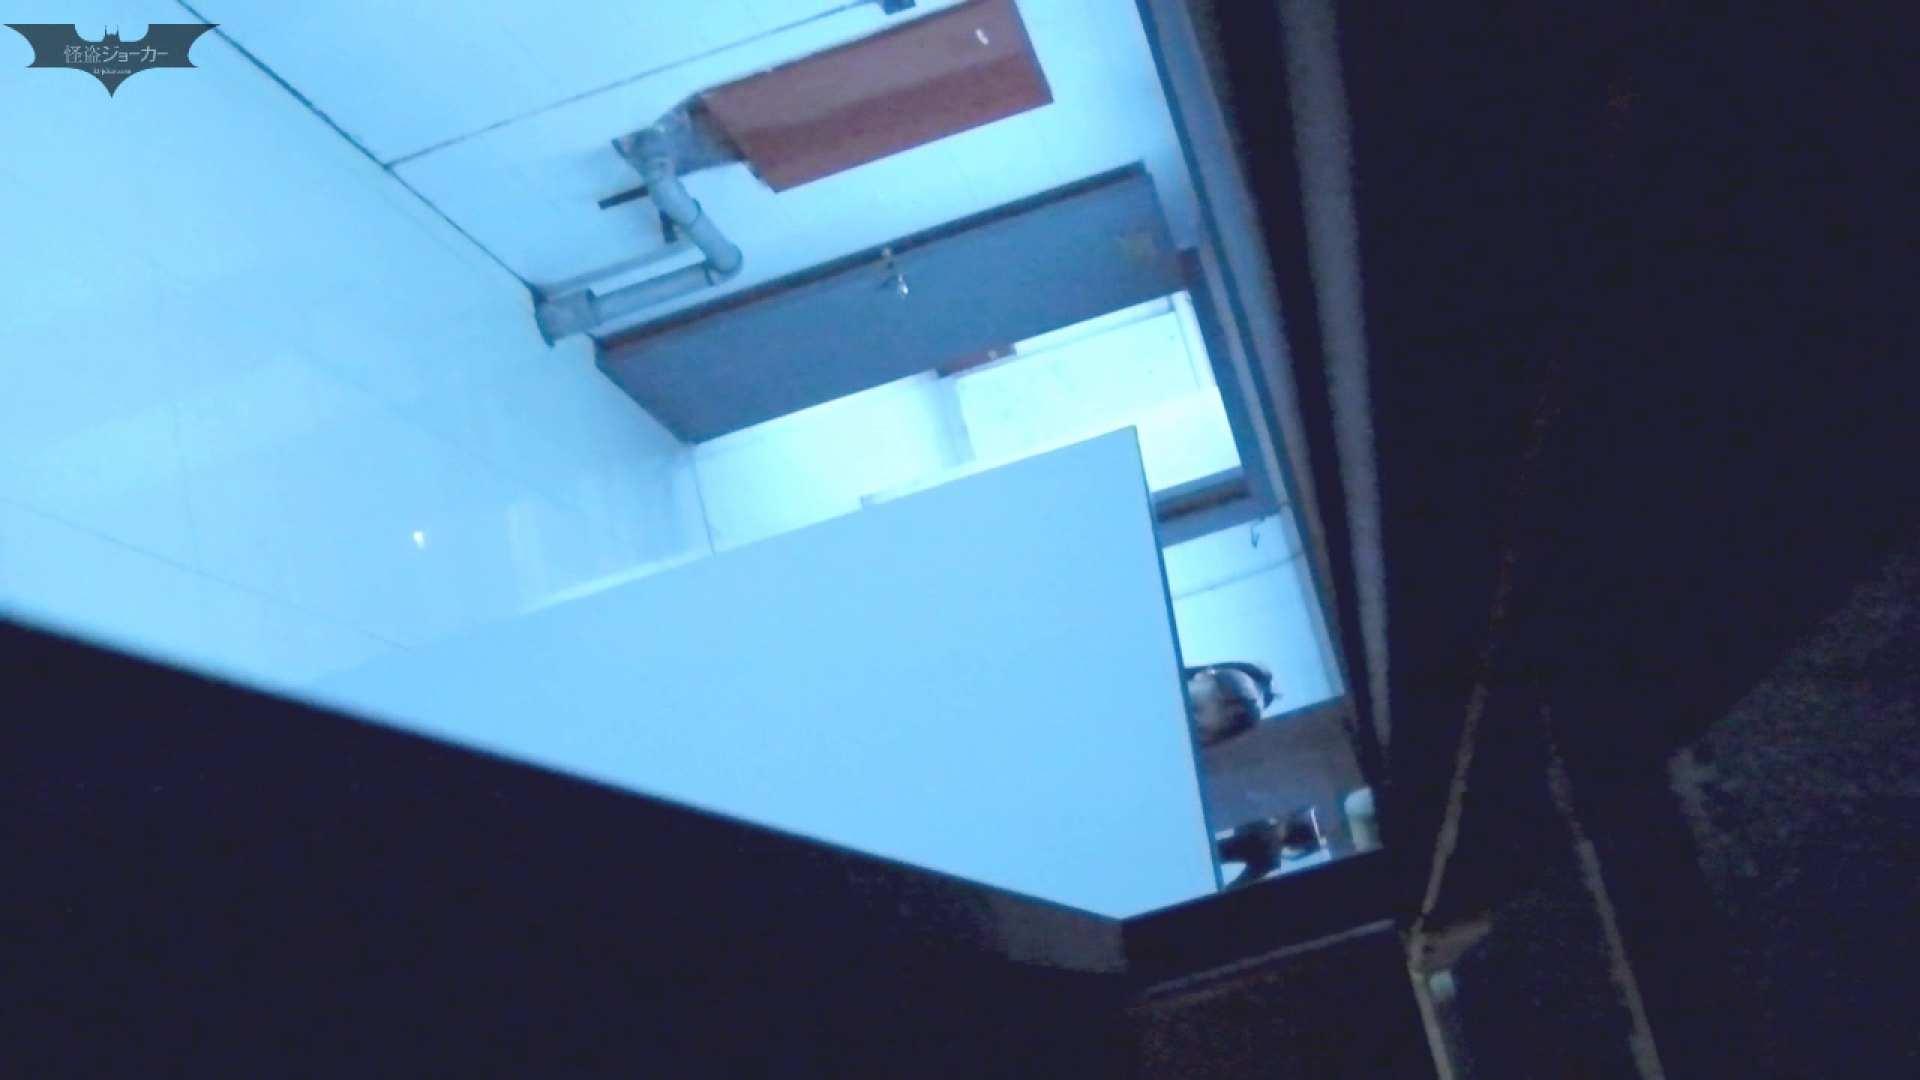 新世界の射窓 No61来ました!「ビジョビジョ」の美女達が・・・ 洗面所のぞき おめこ無修正画像 104枚 101